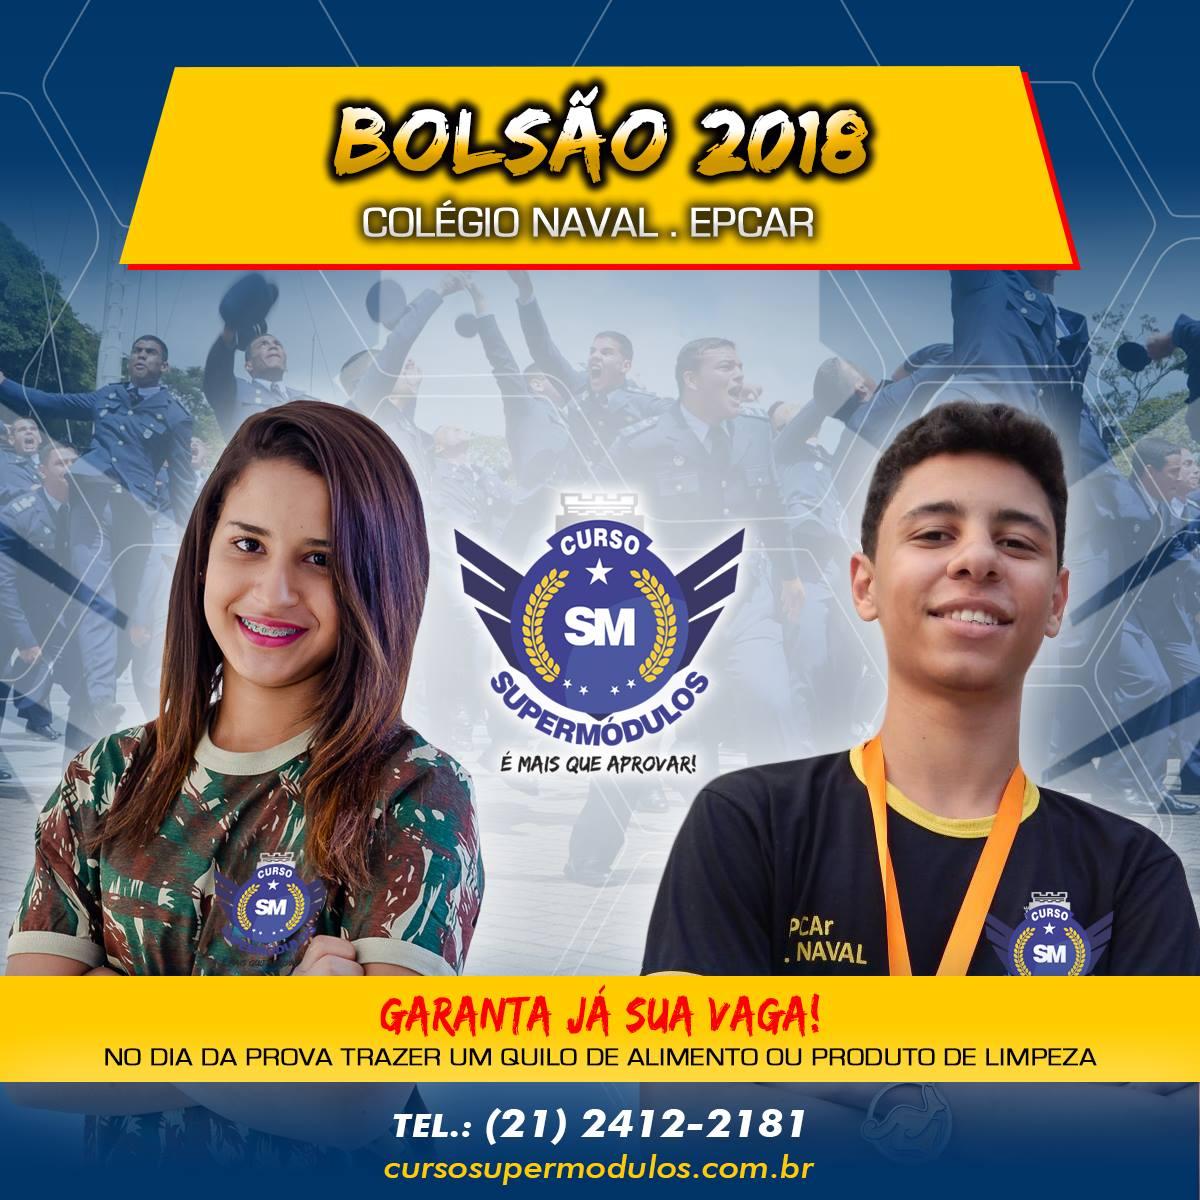 Bolsão 2018 - Colégio Naval e EPCAr